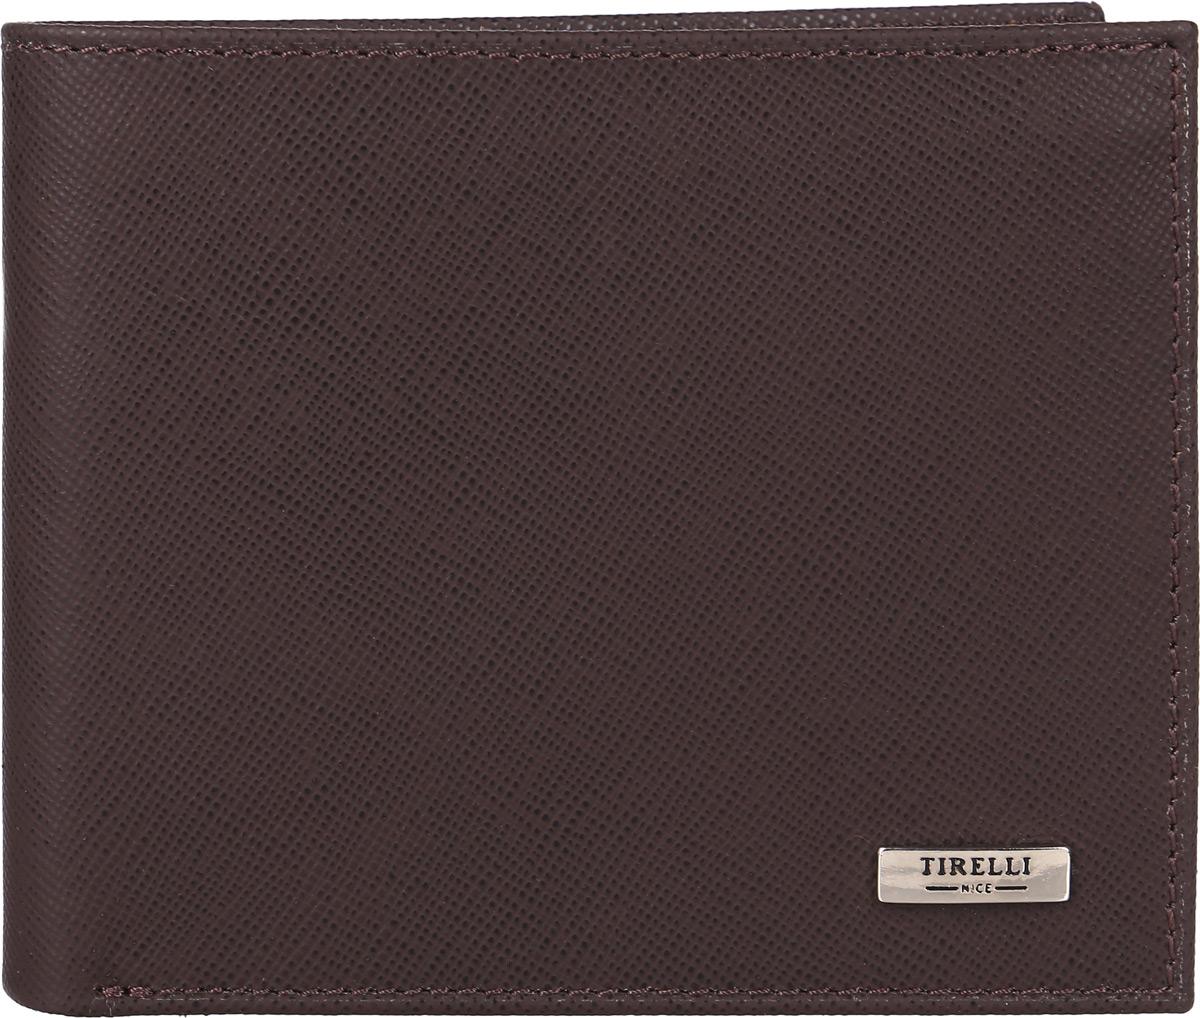 Портмоне мужское Tirelli, цвет: коричневый. 15-306-03495350нКомпактное мужское портмоне Tirelli изготовлено из натуральной кожи. Портмоне оформлено фирменным логотипом. Внутри имеется 2 отделения для купюр, 8 прорезных карманов для хранения пластиковых карт, визиток, дисконтных карт и т. п., 2 кармашка под сетчатой тканью и 2 потайных кармашка. Такое портмоне не только поможет сохранить внешний вид ваших документов и защитит их от повреждений, но и станет ярким аксессуаром, который подчеркнет ваш образ.